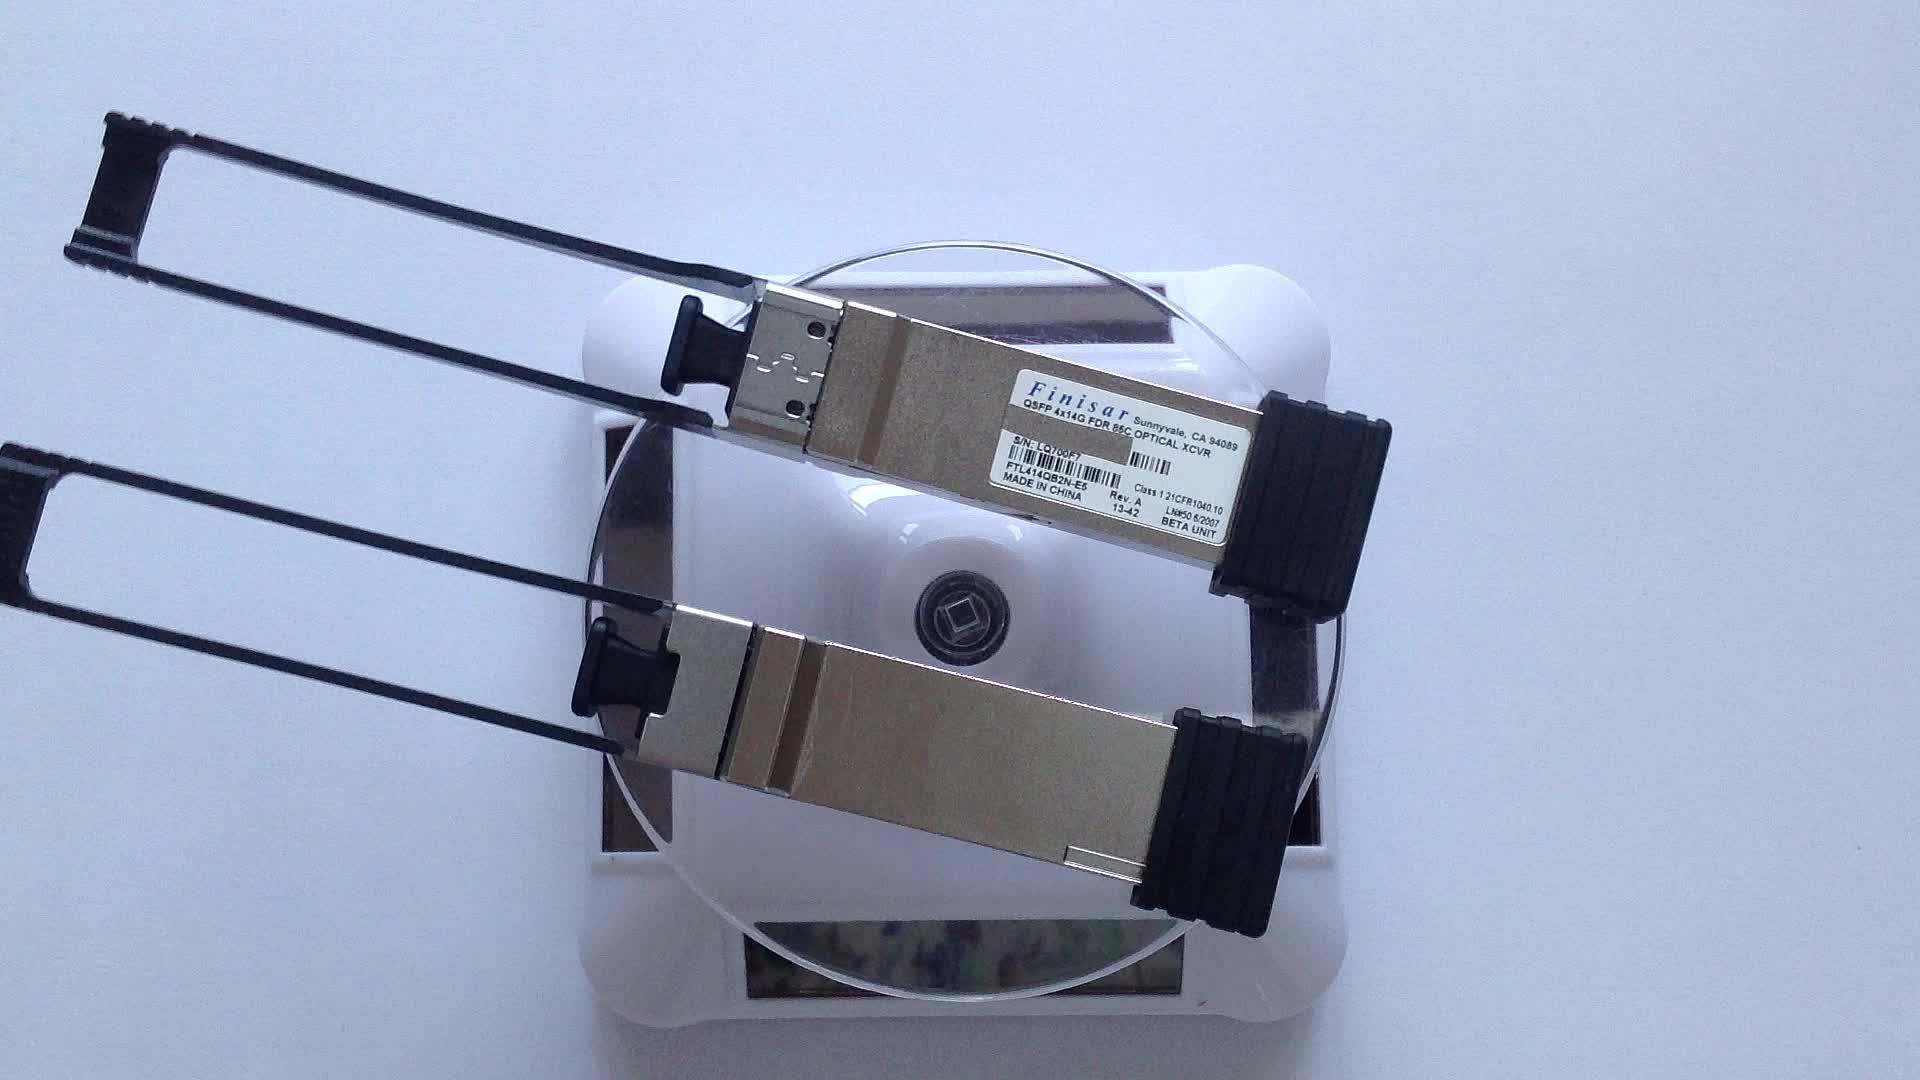 תואם QSFP-40G-SDLC-PAM-SR-MM-850nm 40 גרם QSFP + 850nm LC סיבים אופטי מודול